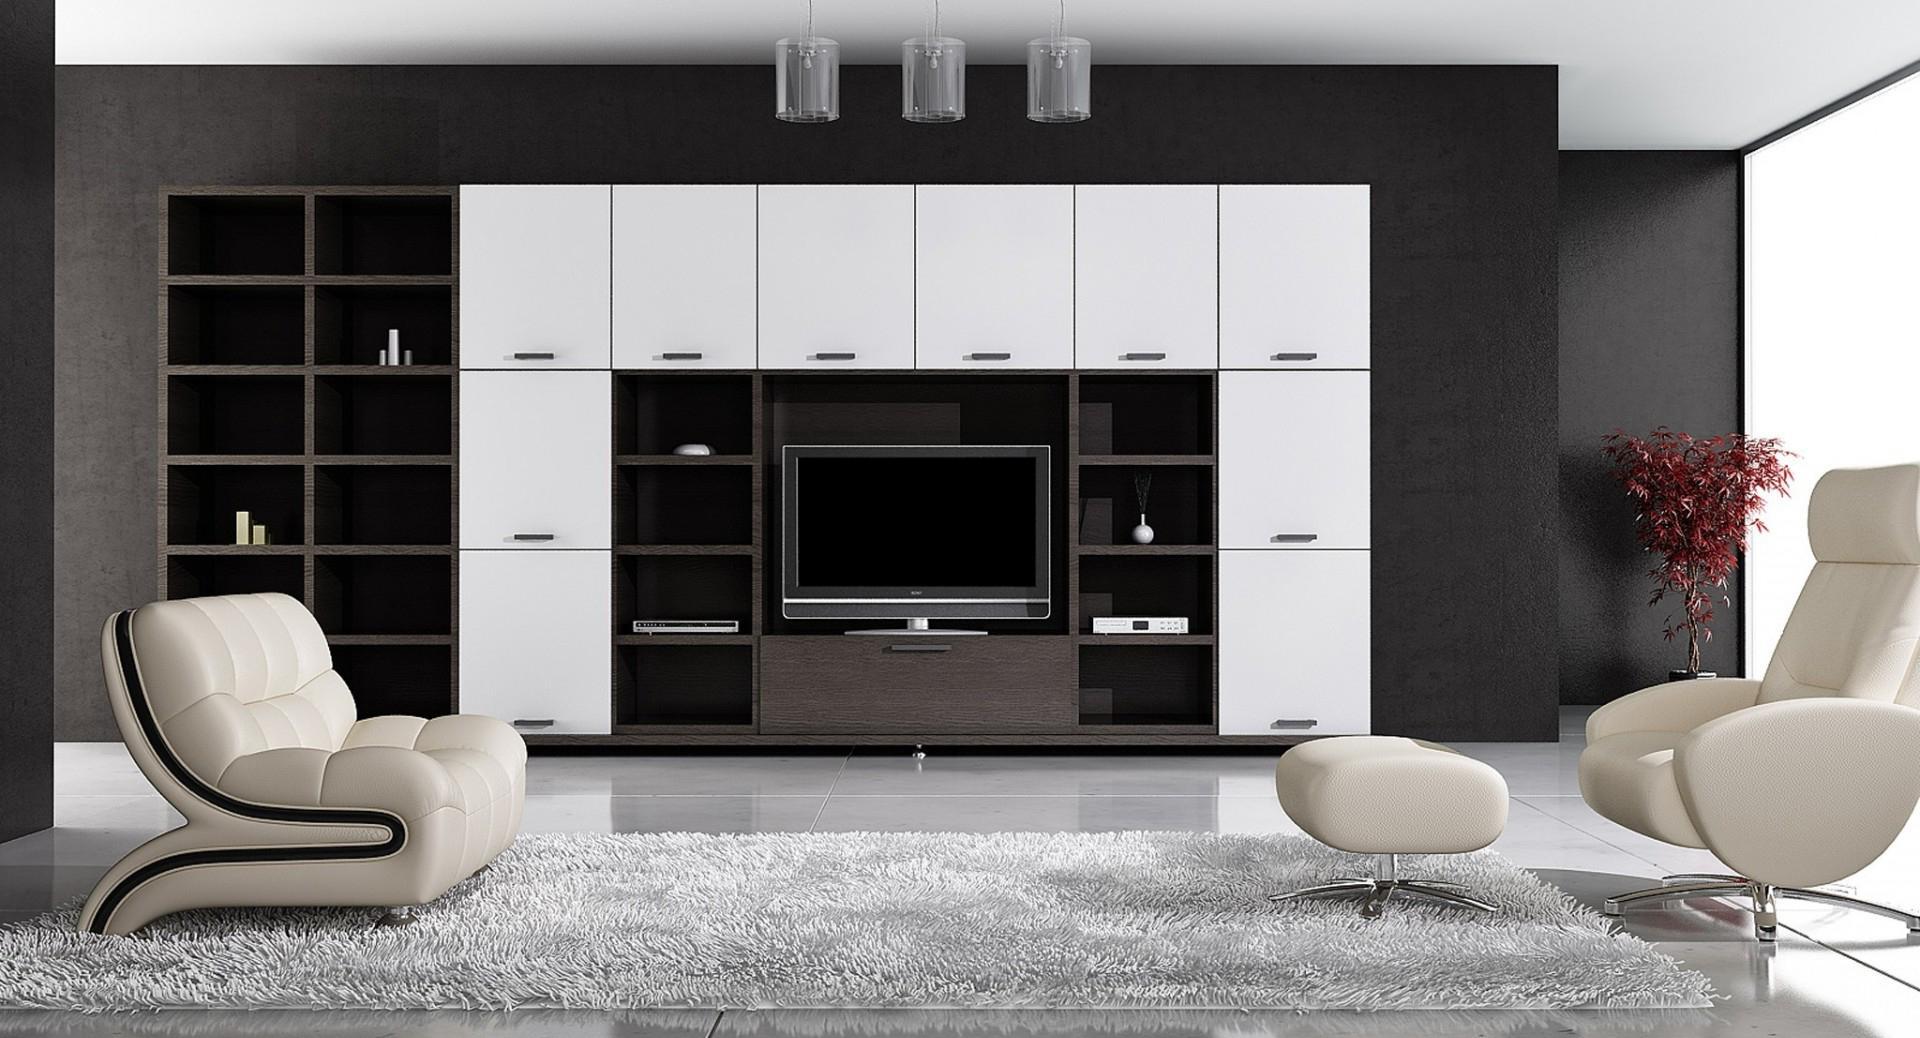 Бежевая мебель в черно-белой гостиной